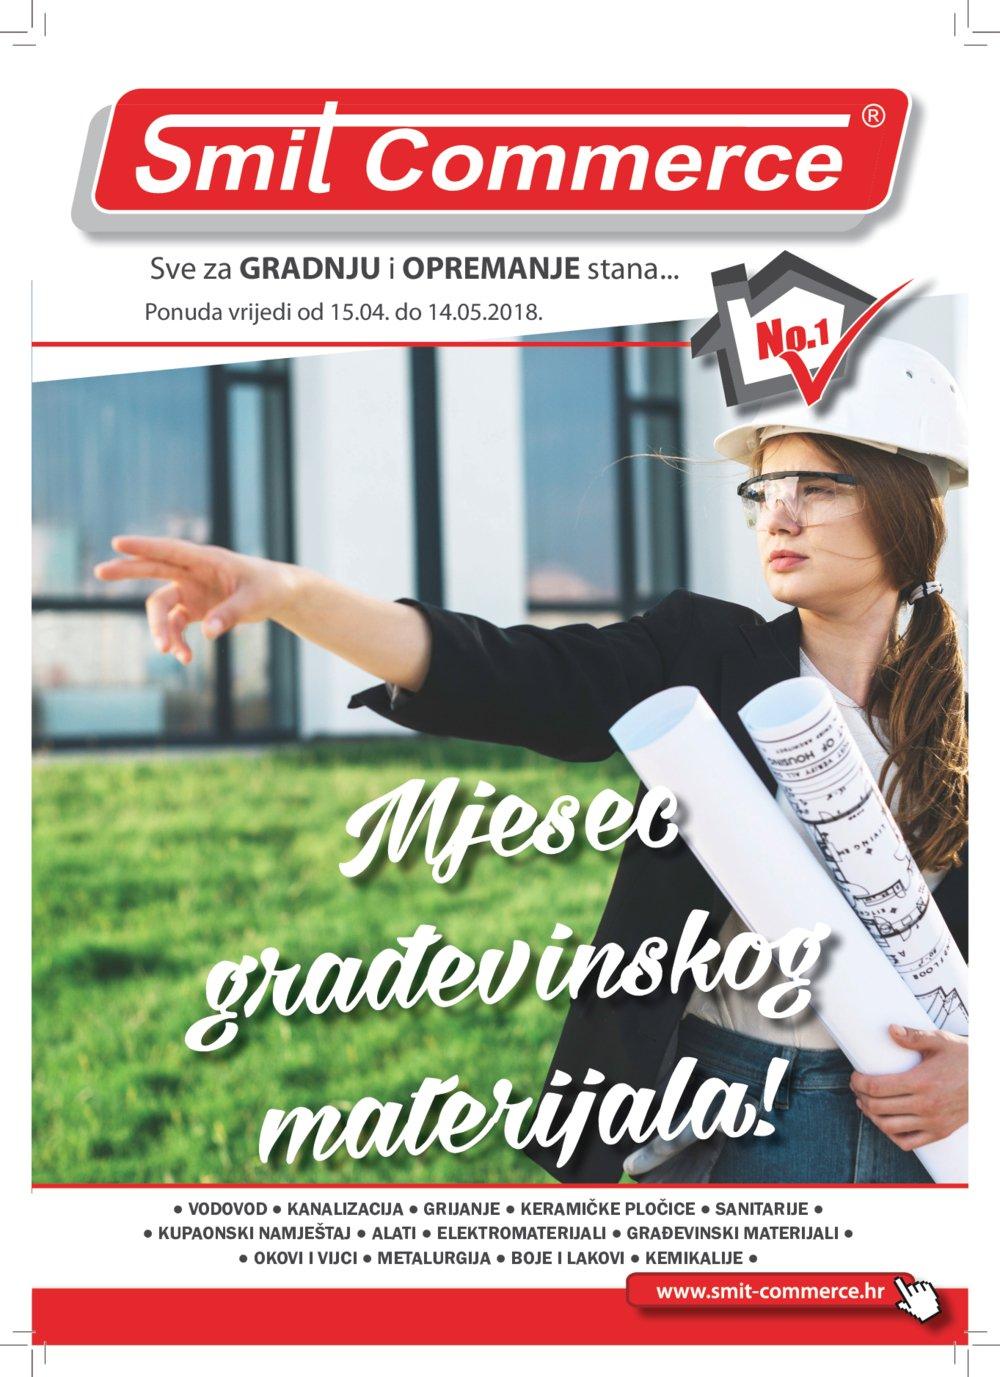 Smit Commerce katalog Sve za gradnju i opremanje stana 15.04.-14.05.2018.